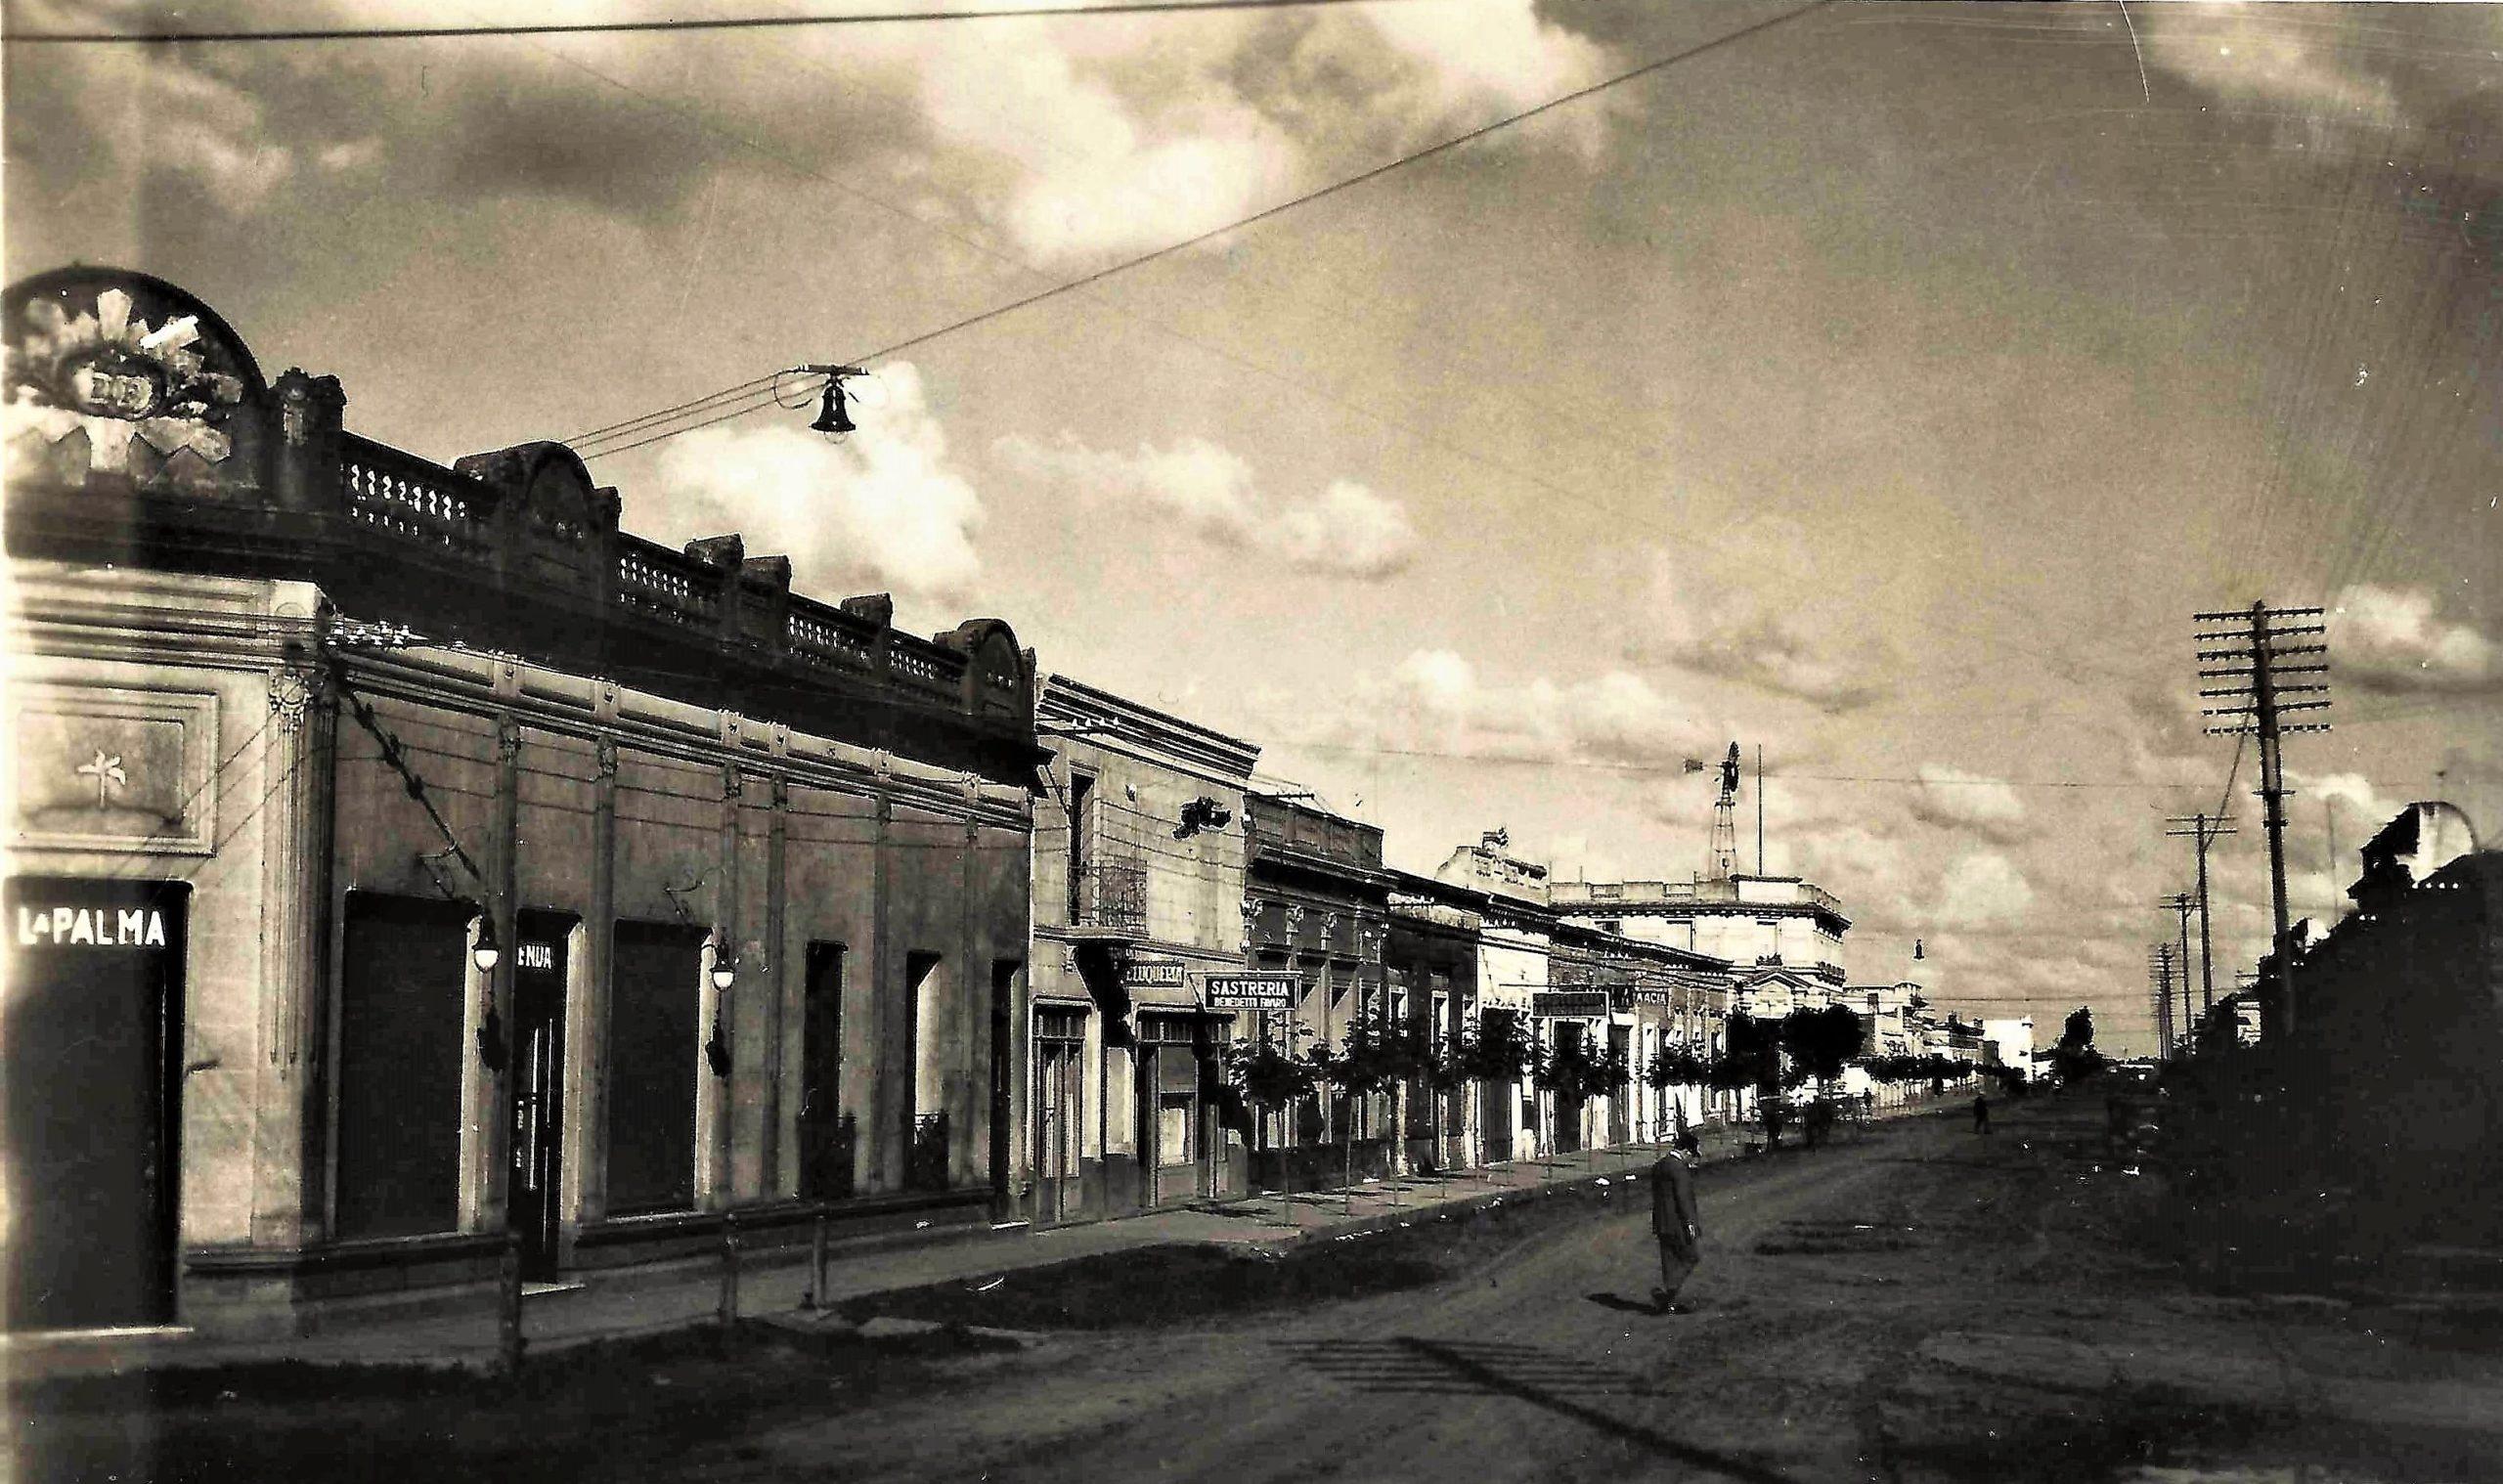 Vista del actual Supermercado Centro y la avenida Presidente Perón (Av. de Mayo en ese momento).